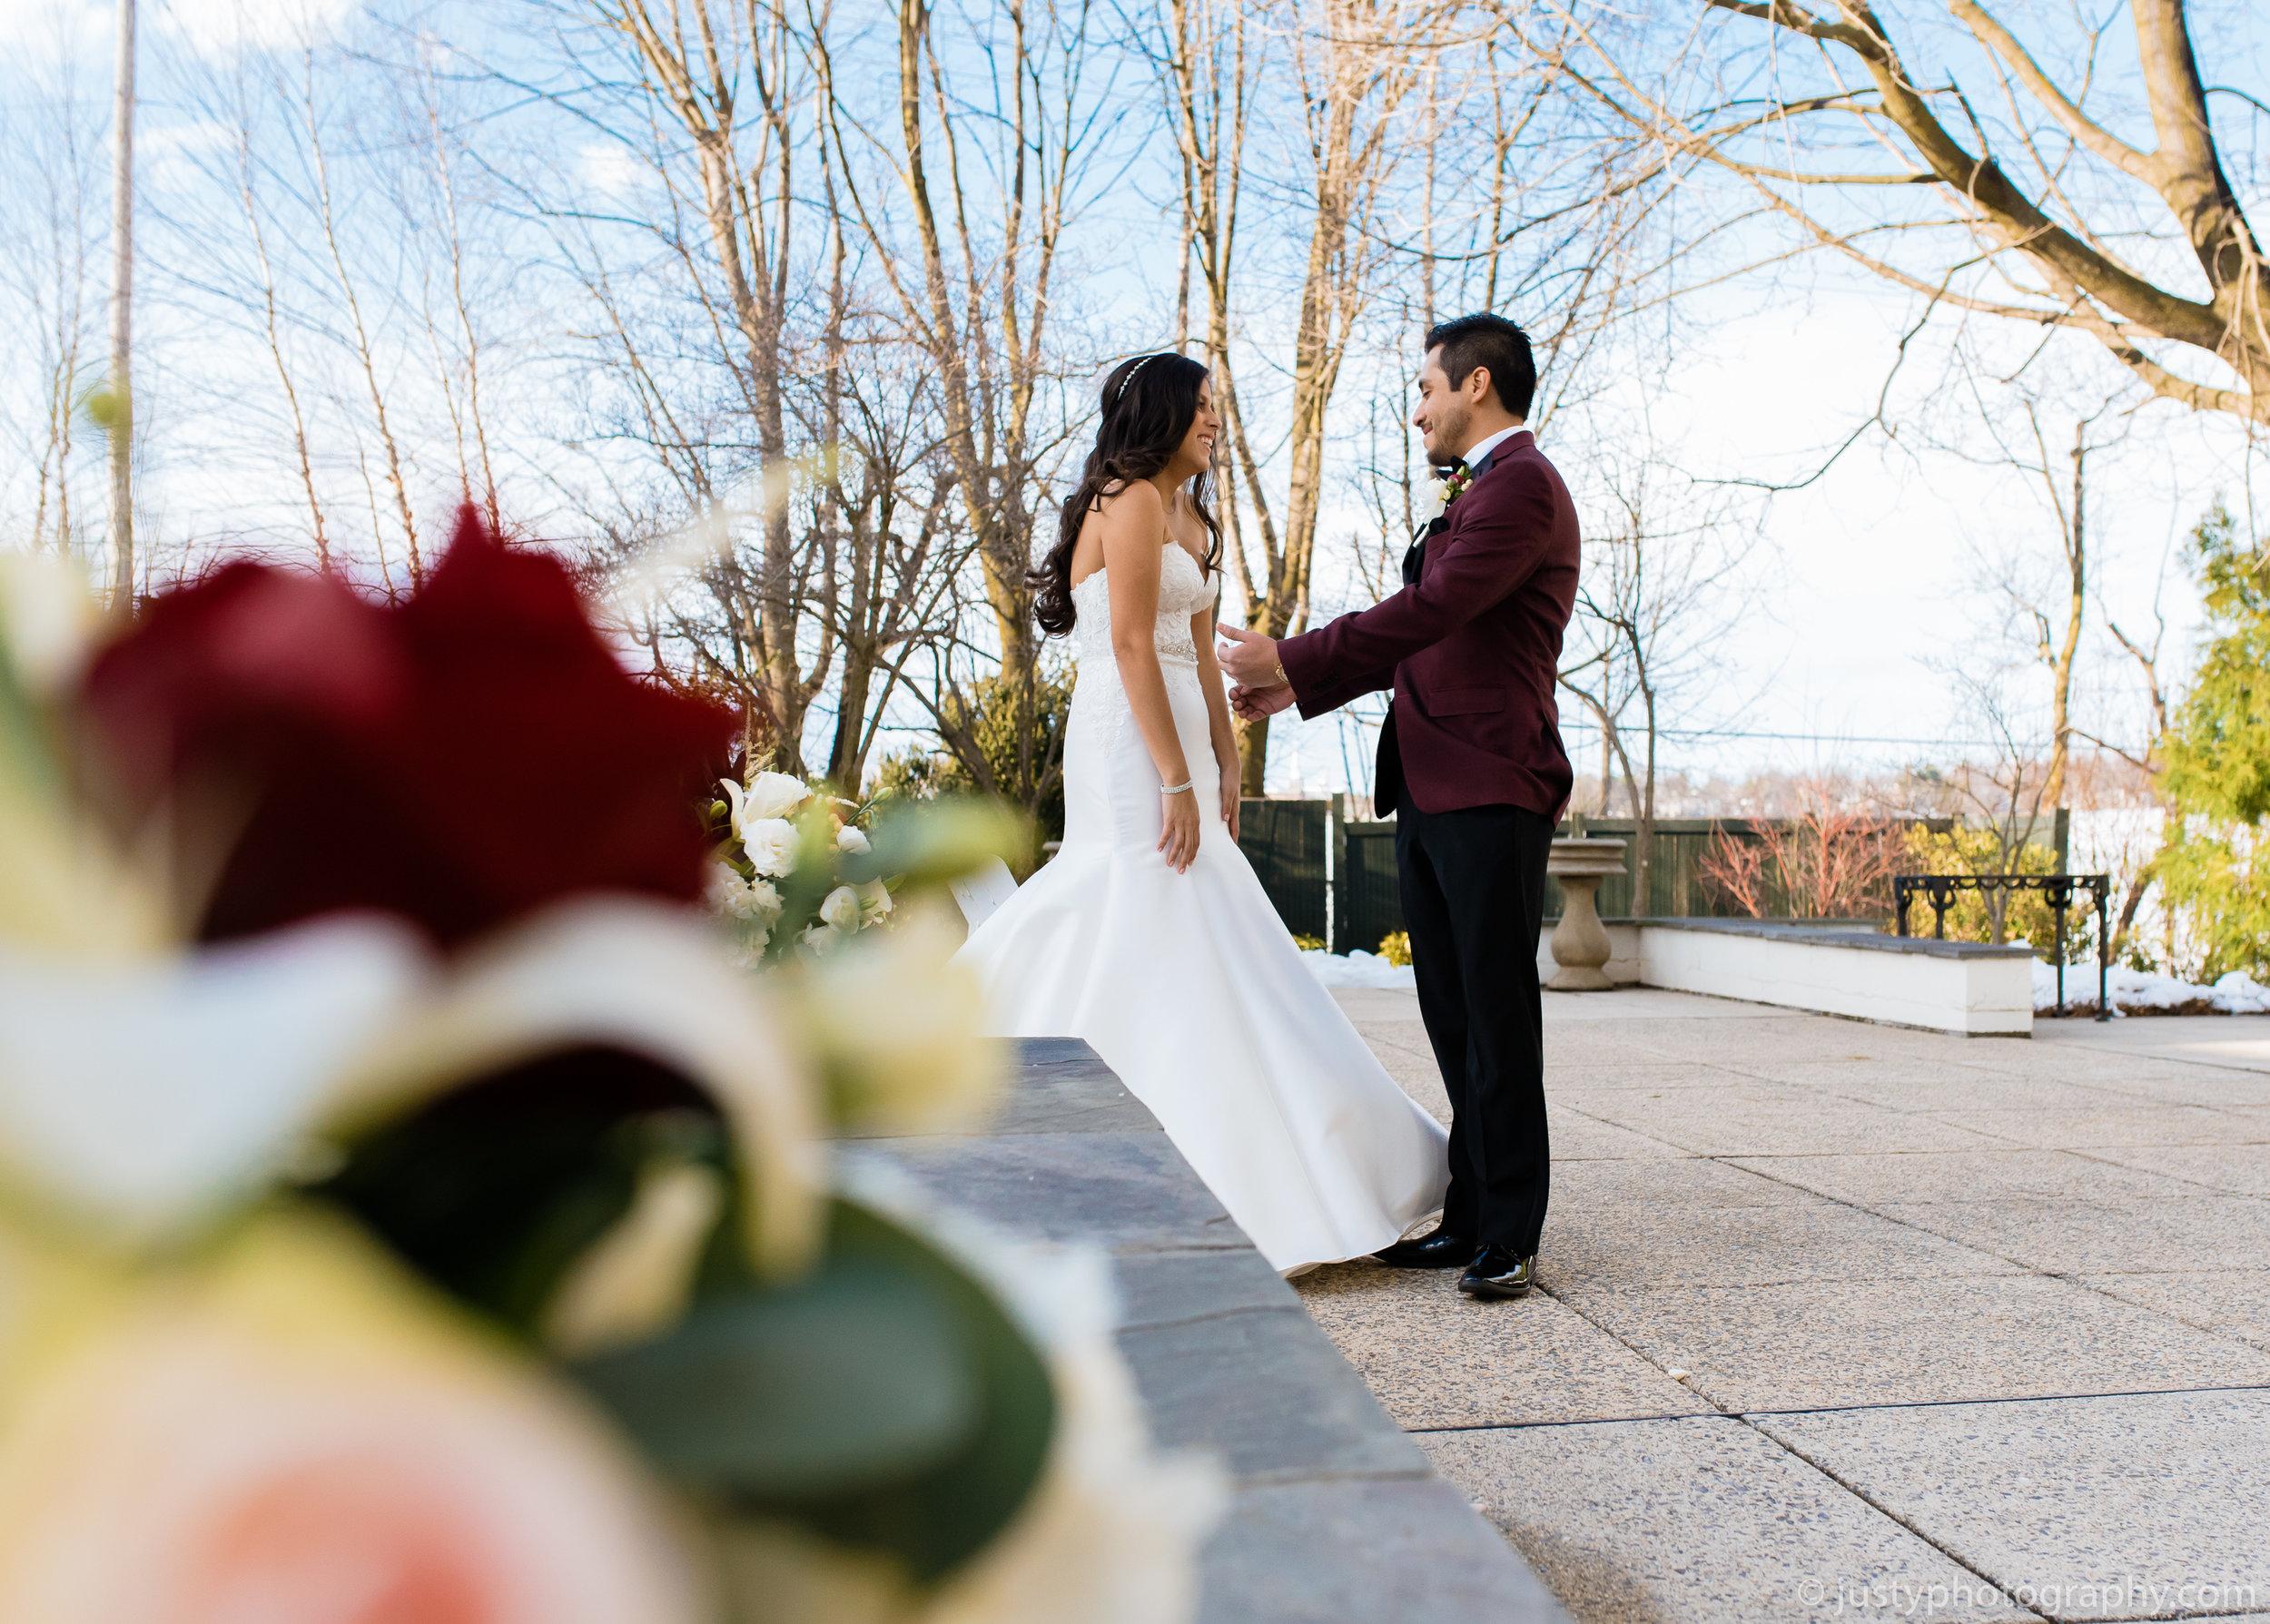 Ceresville Mansion Wedding Photos - First Look21.jpg